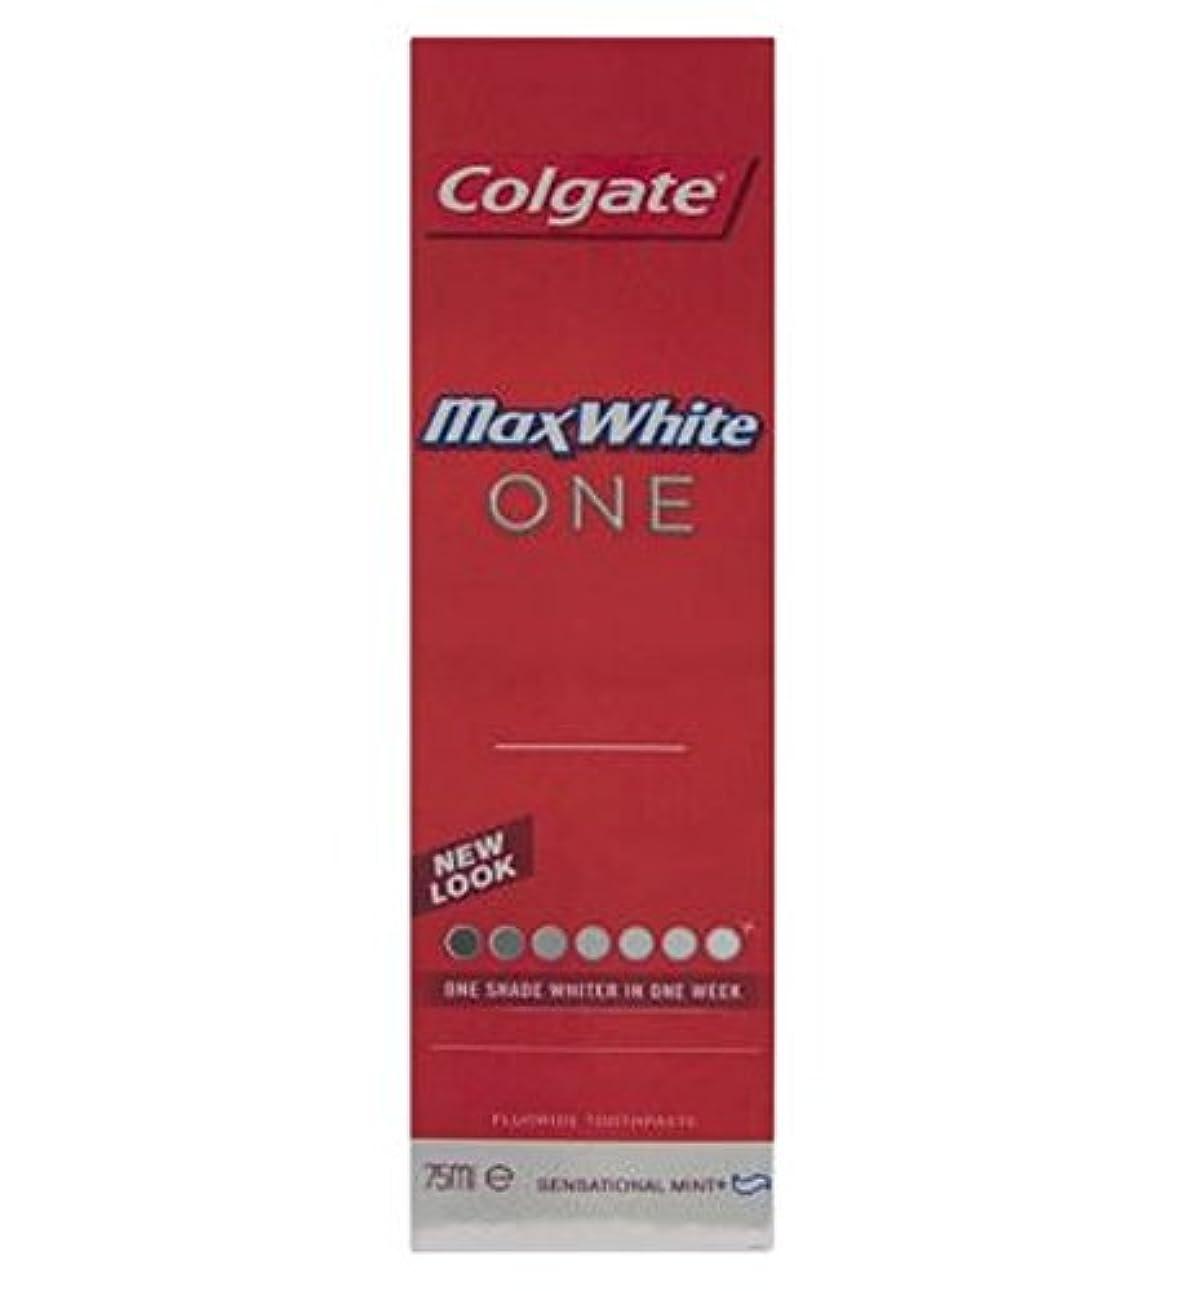 シングル万歳平らなColgate Max White One Fresh toothpaste 75ml - コルゲートマックスホワイト1新鮮な歯磨き粉75ミリリットル (Colgate) [並行輸入品]